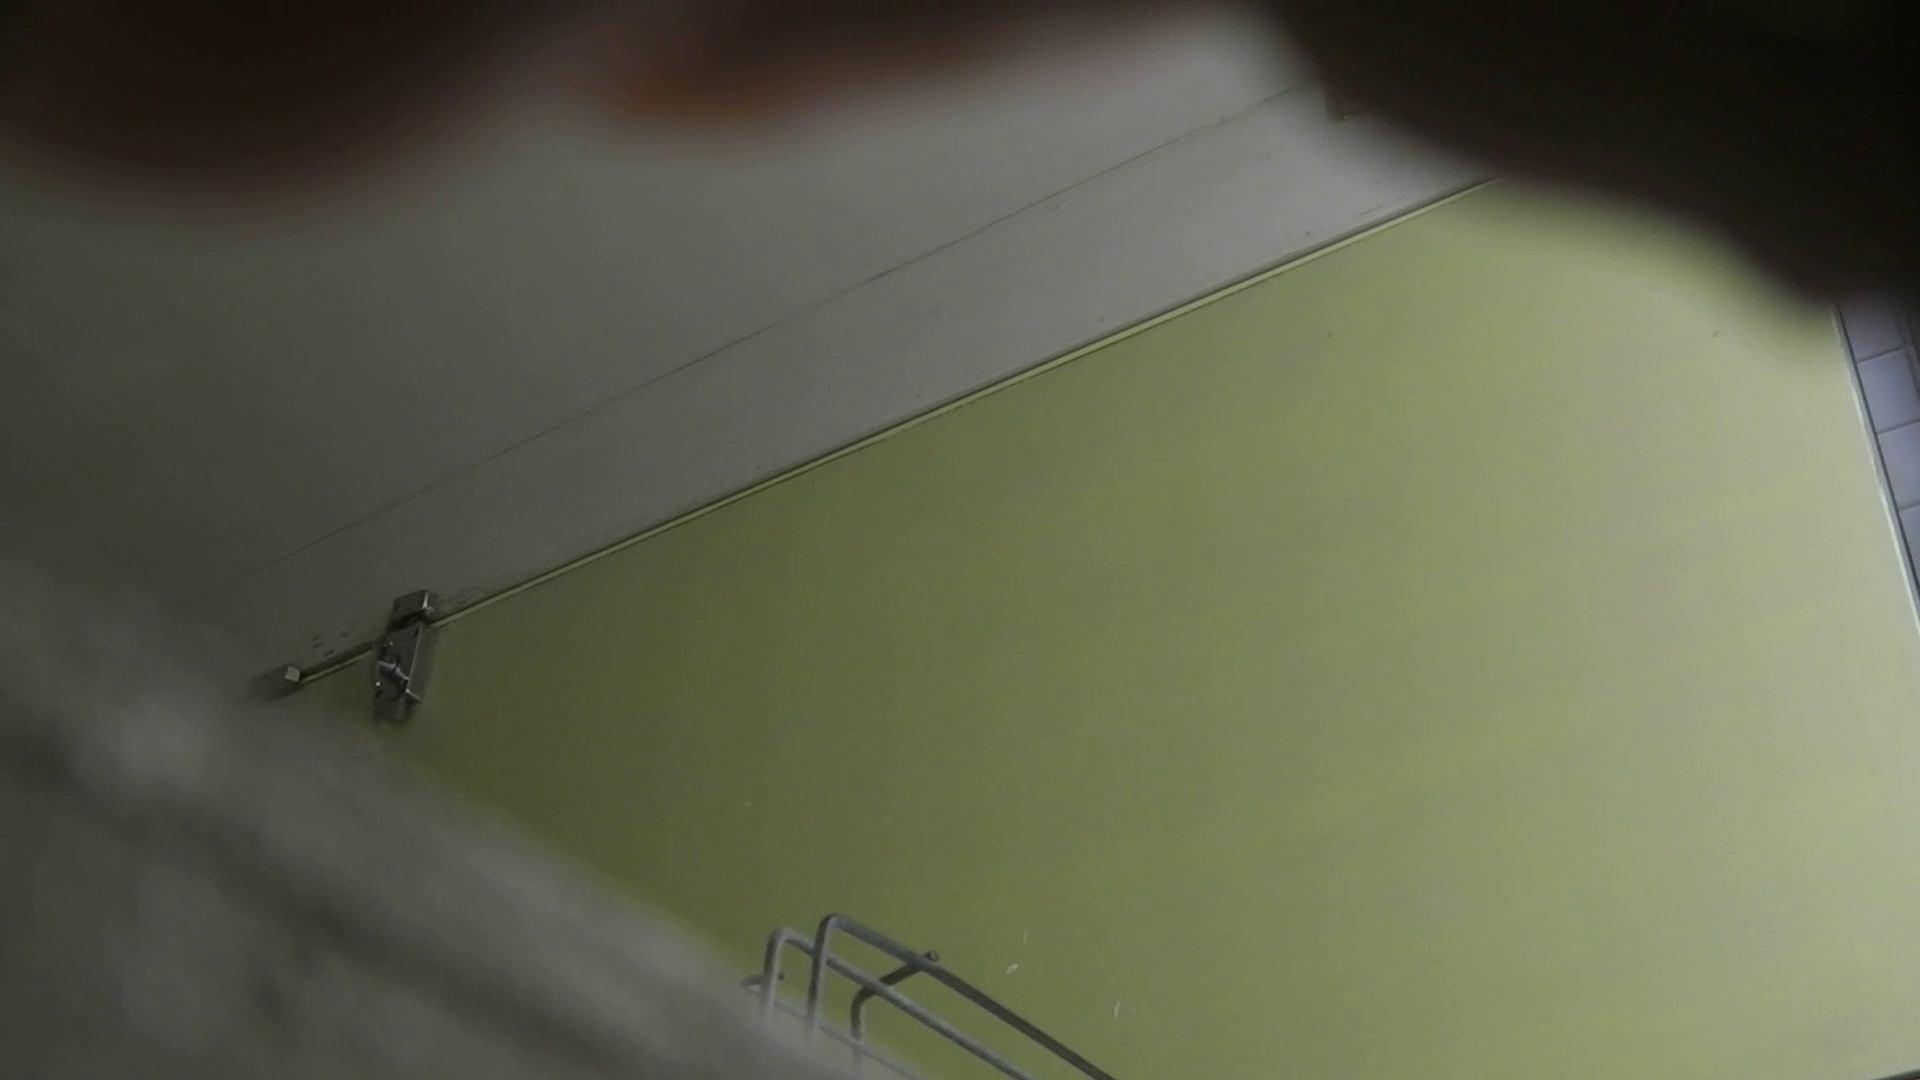 【美しき個室な世界】 vol.018 ピンクのおネエタン 洗面所  82pic 70